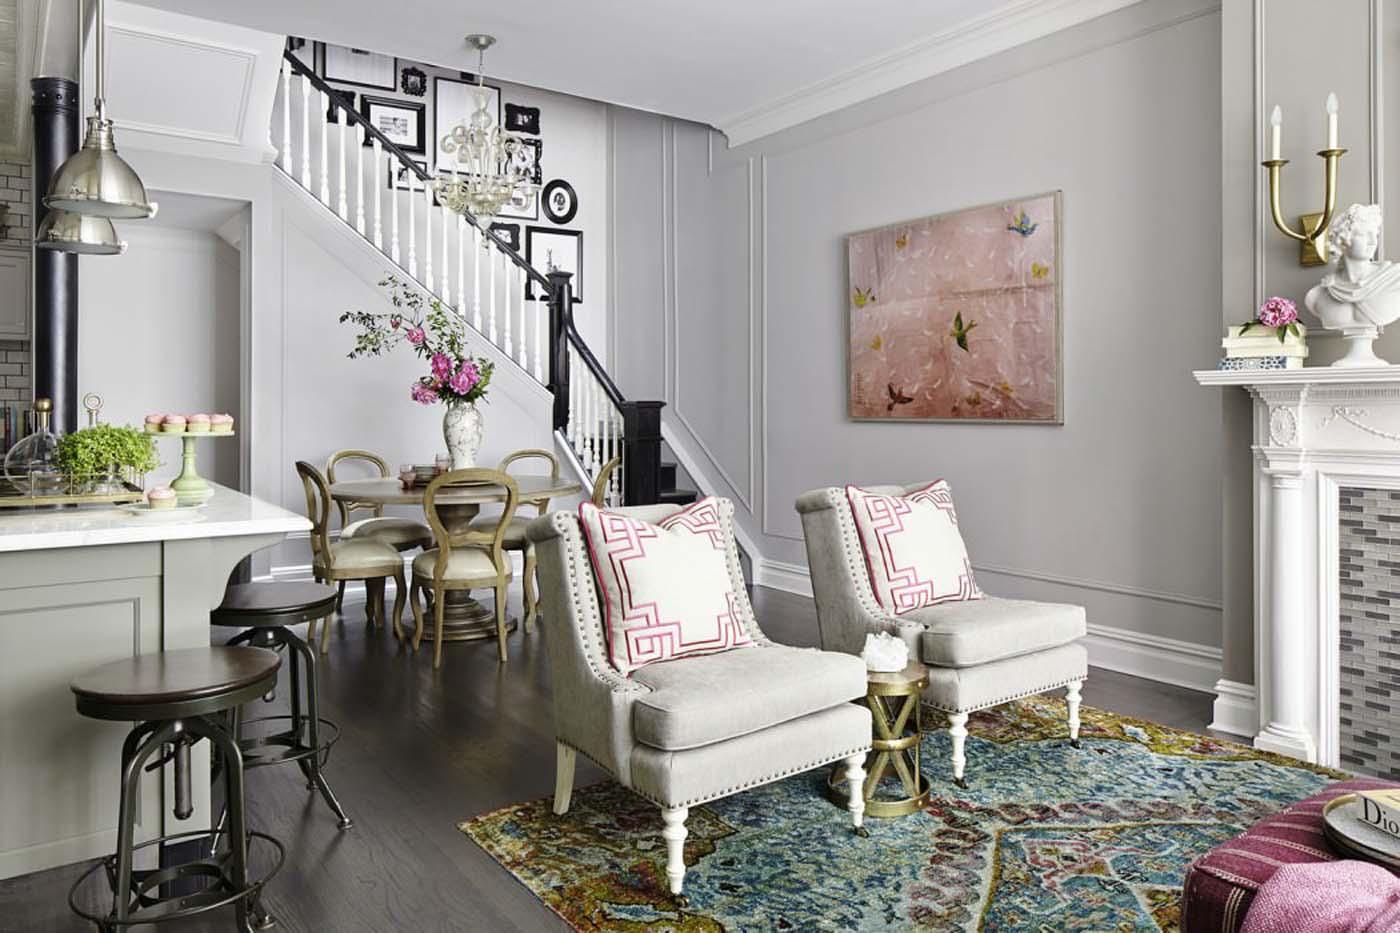 Американский стиль в интерьере квартиры и загородного дома: лучшие фото-статьи, идеи для дизайна